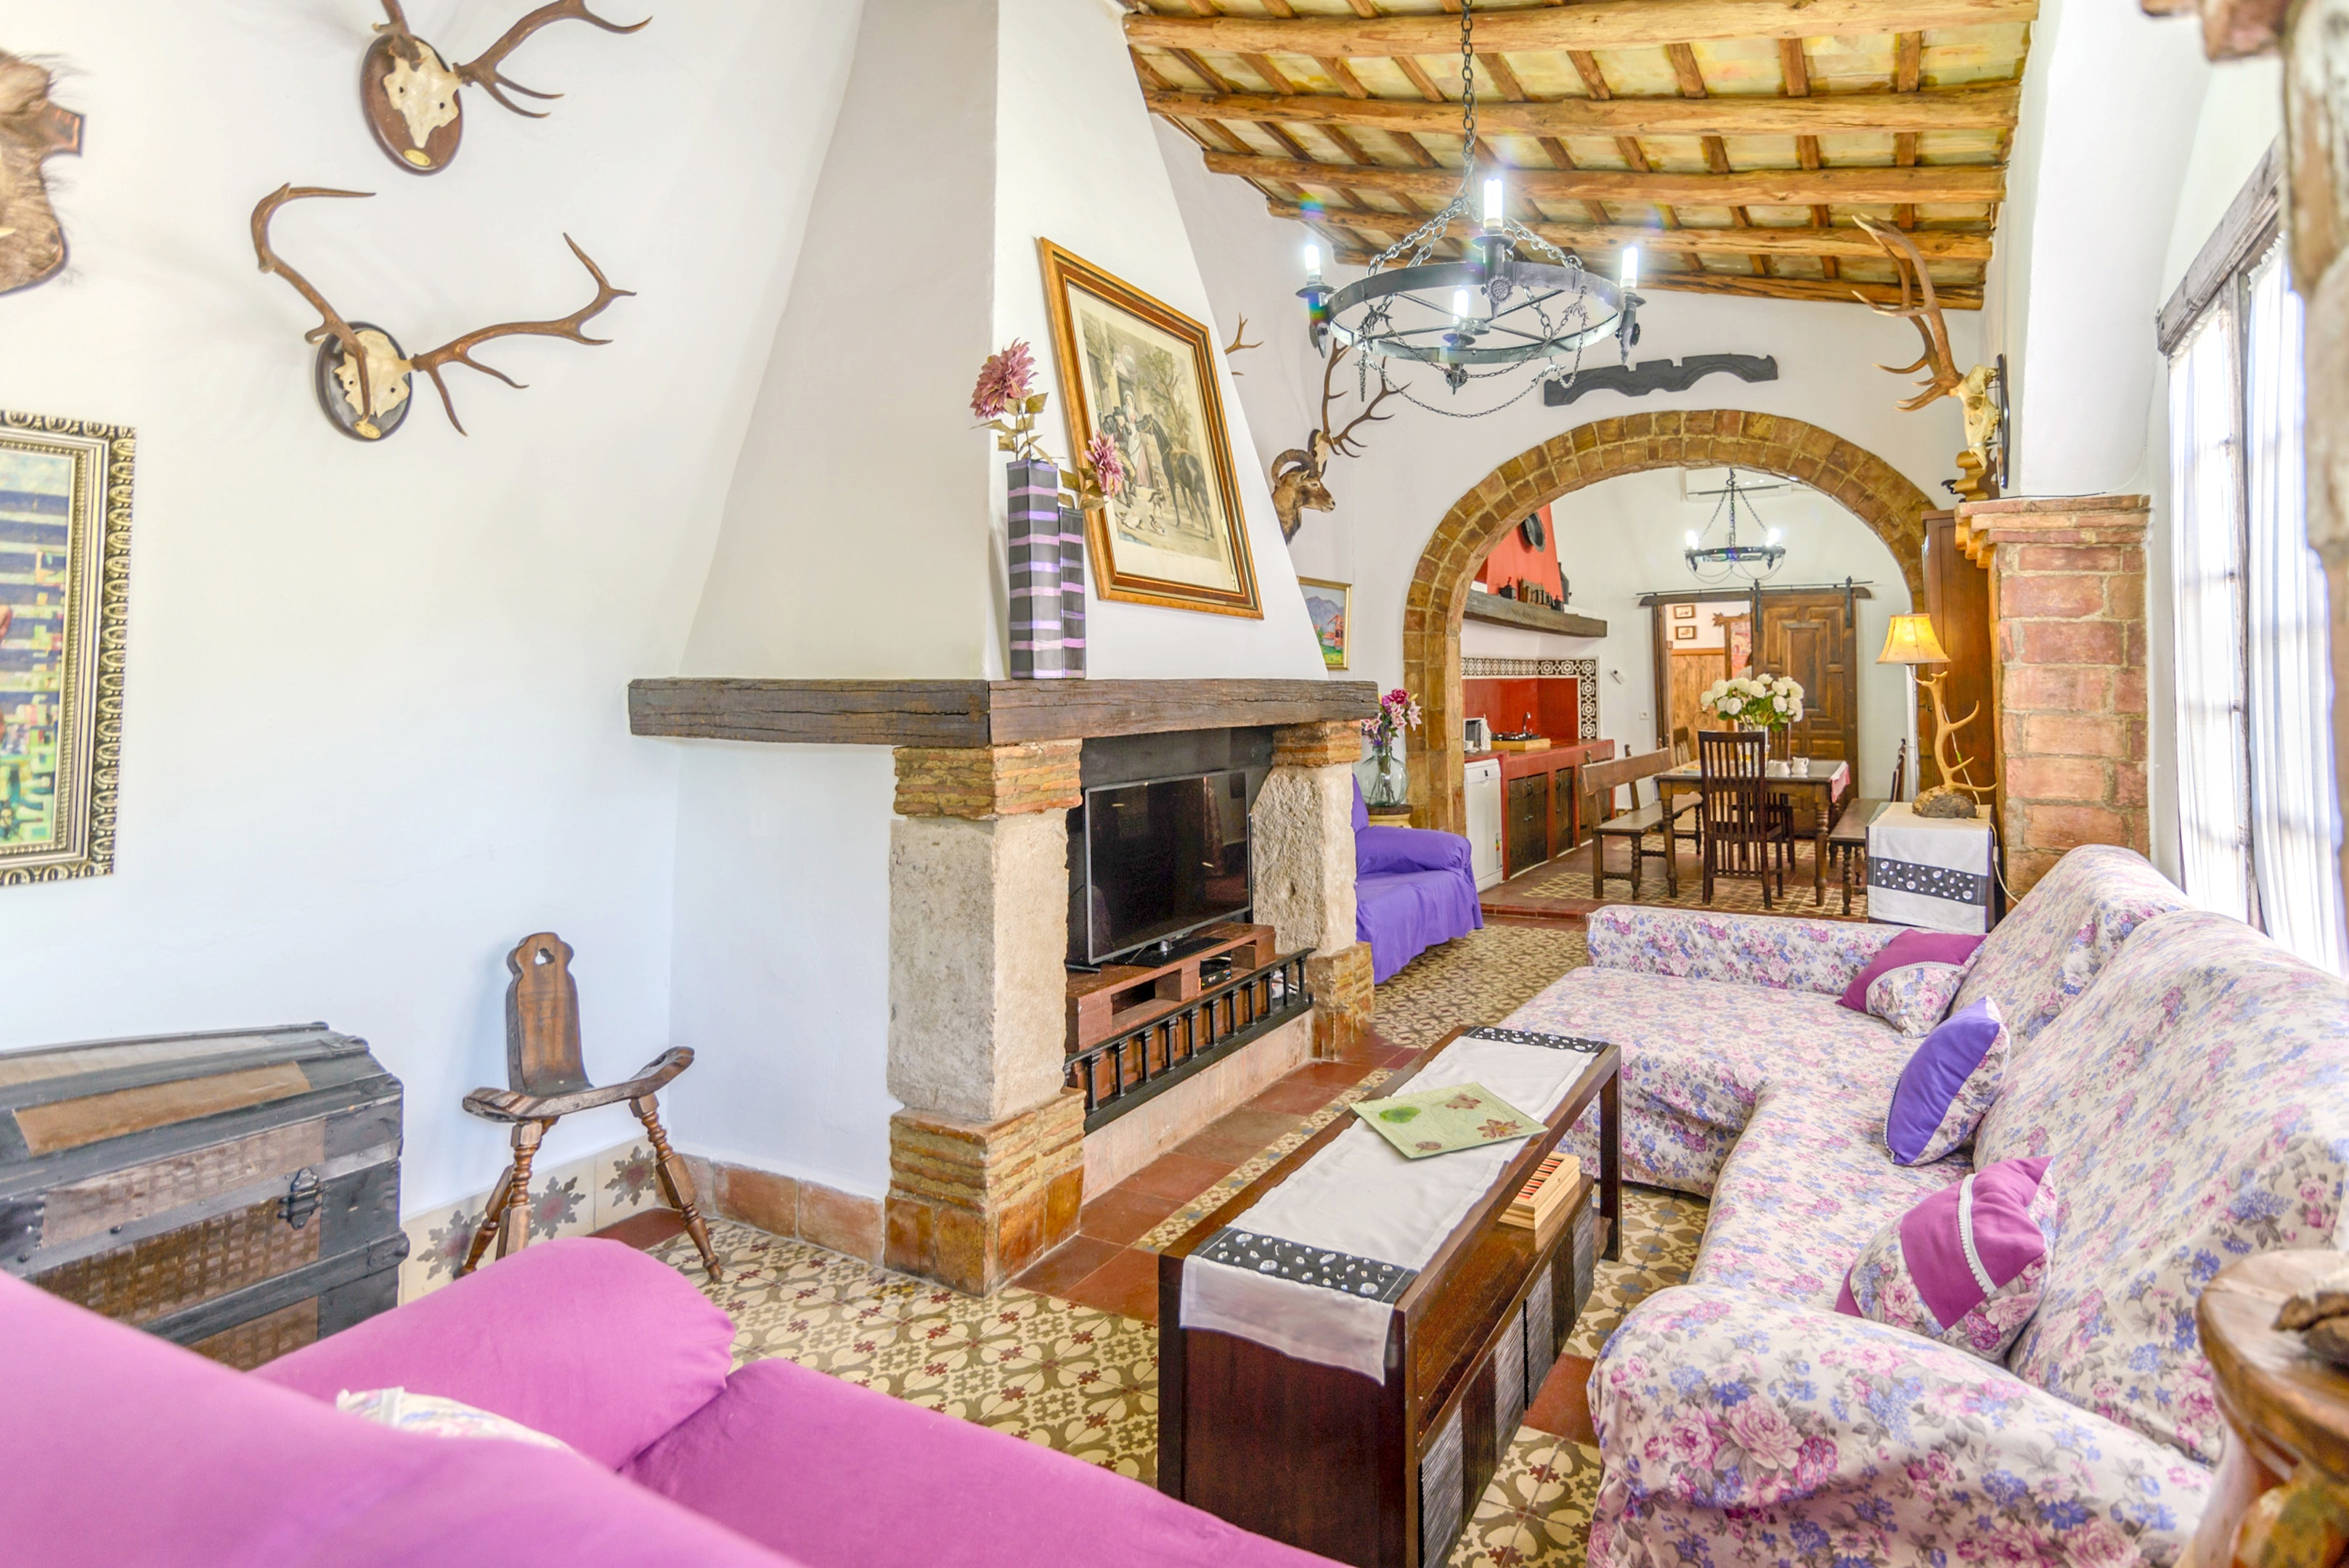 Ferienhaus Villa mit 3 Schlafzimmern in Peñaflor mit privatem Pool, eingezäuntem Garten und W-LAN (2208249), Peñaflor, Sevilla, Andalusien, Spanien, Bild 48